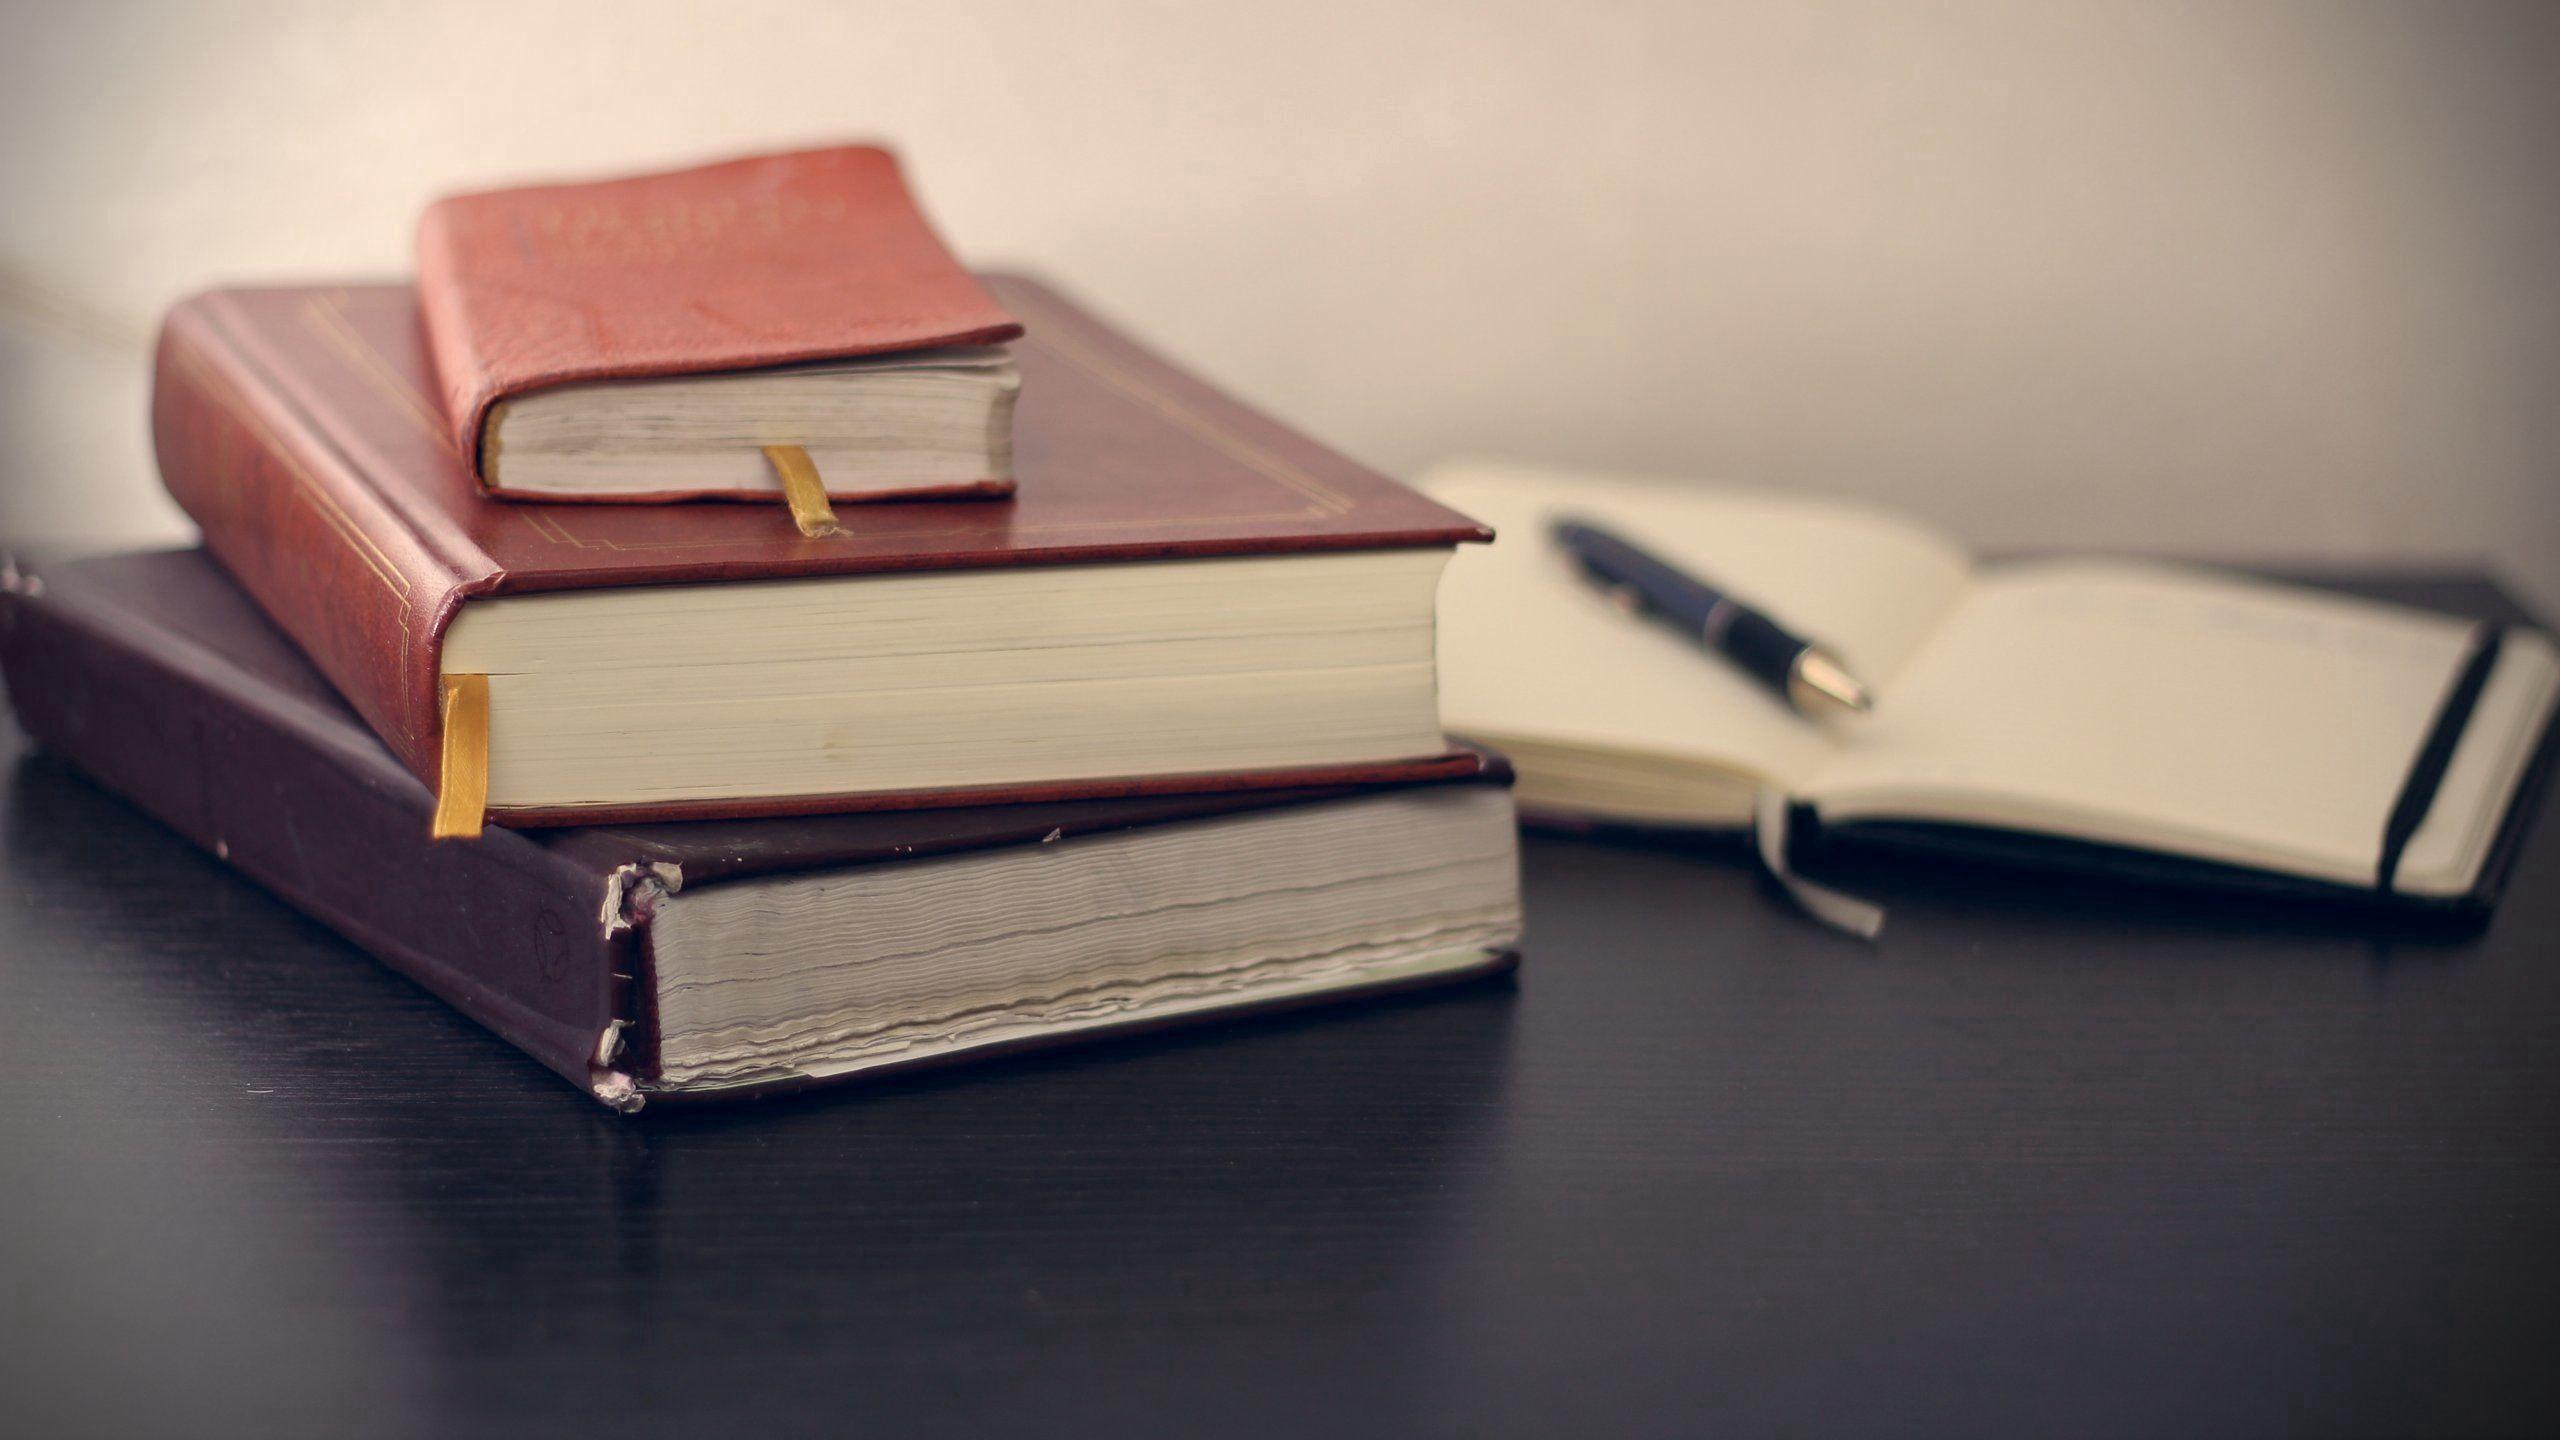 141551 Hintergrundbild herunterladen Sonstige, Bücher, Verschiedenes, Lesezeichen, Tagebuch - Bildschirmschoner und Bilder kostenlos